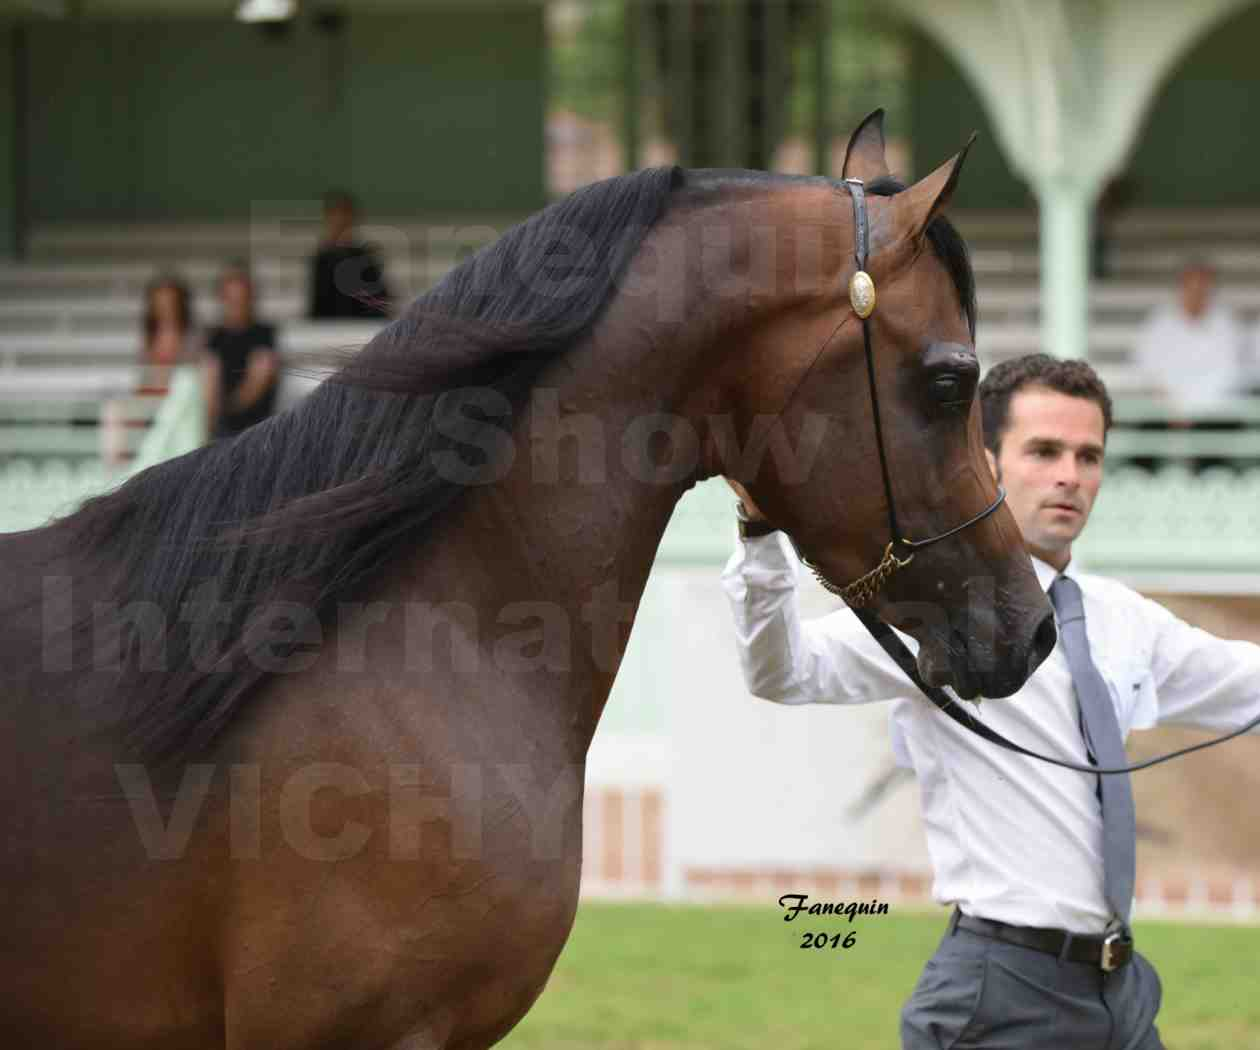 International Arabian Horse Show B de VICHY 2016 - MILLIAR - Notre Sélection - Portraits - 3